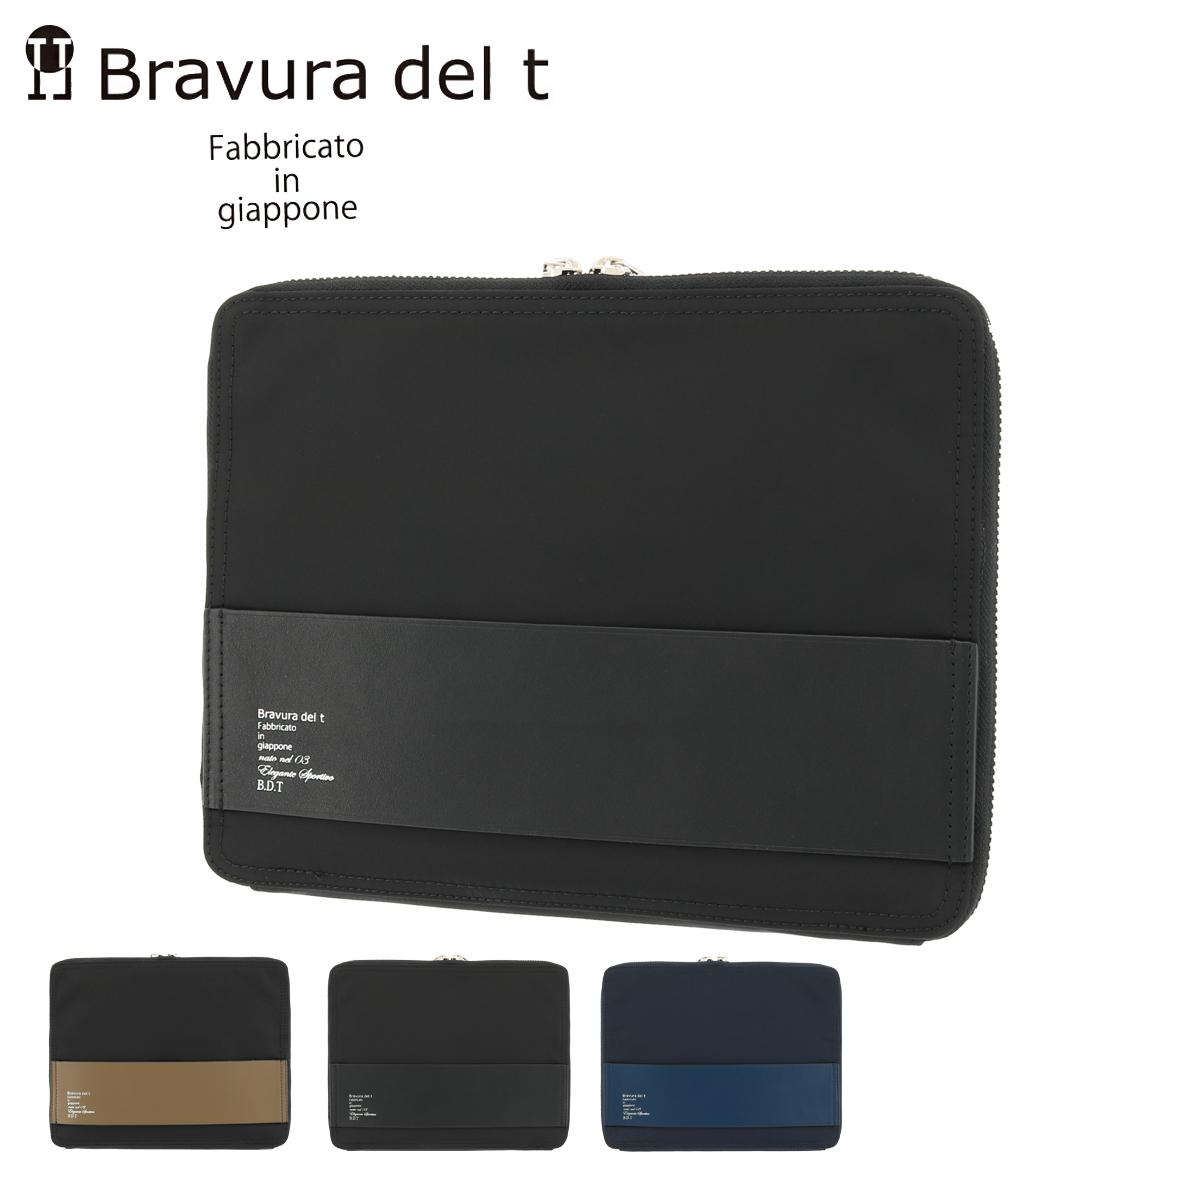 ブラビューラ デルティ クラッチバッグ メンズ11017 日本製 Bravura del t | 小さめ [即日発送]